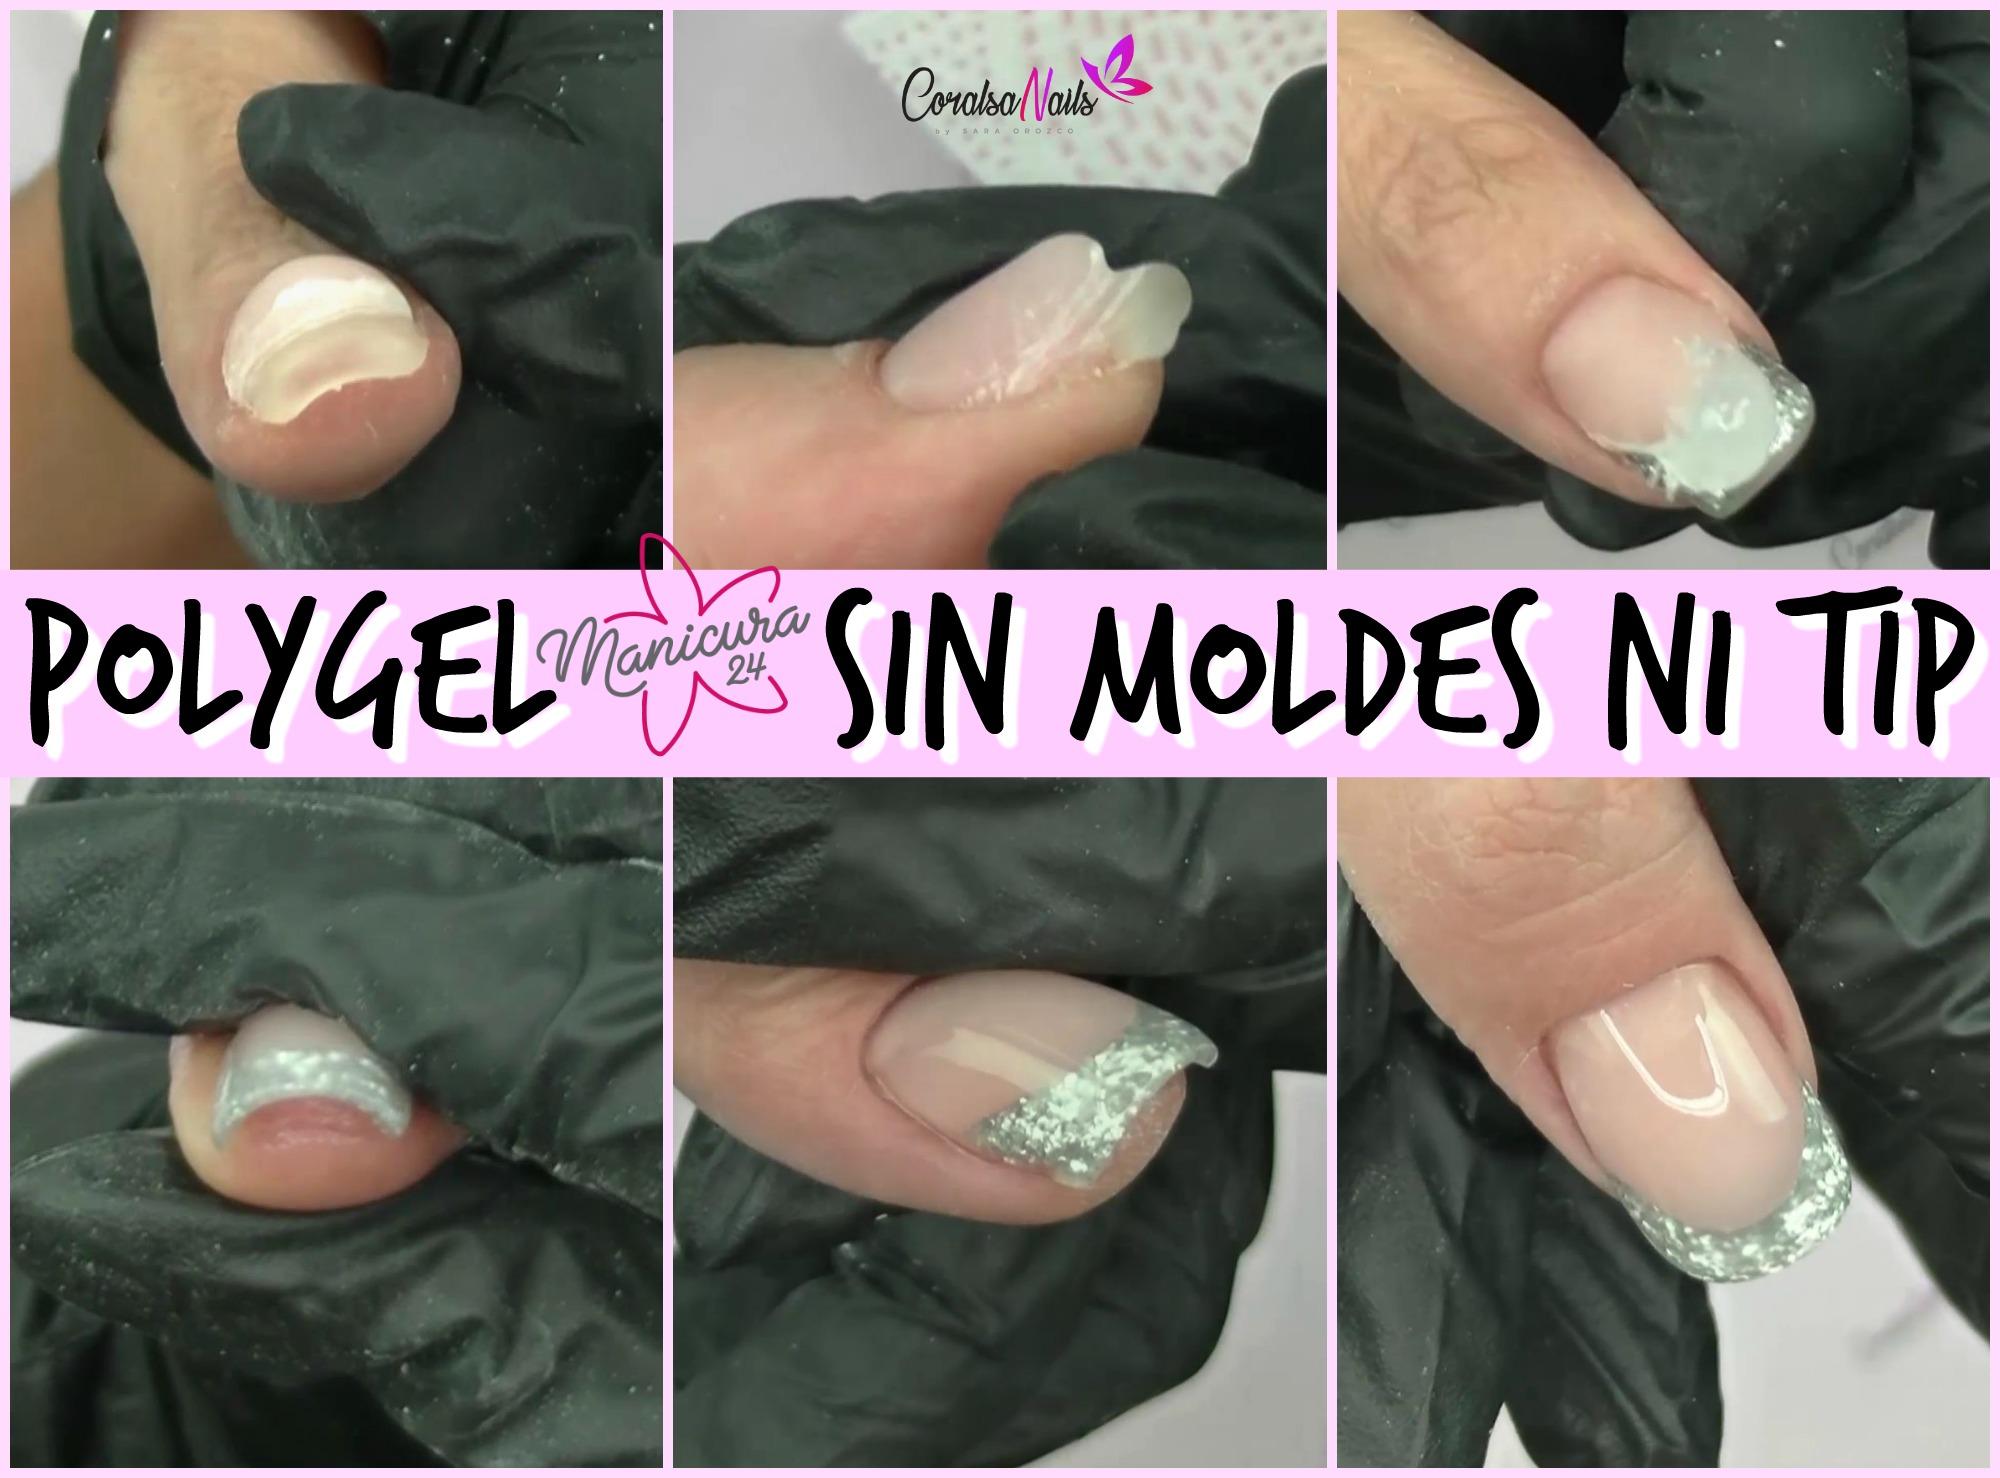 Polygel, Como alargar uñas sin Moldes ni Tip